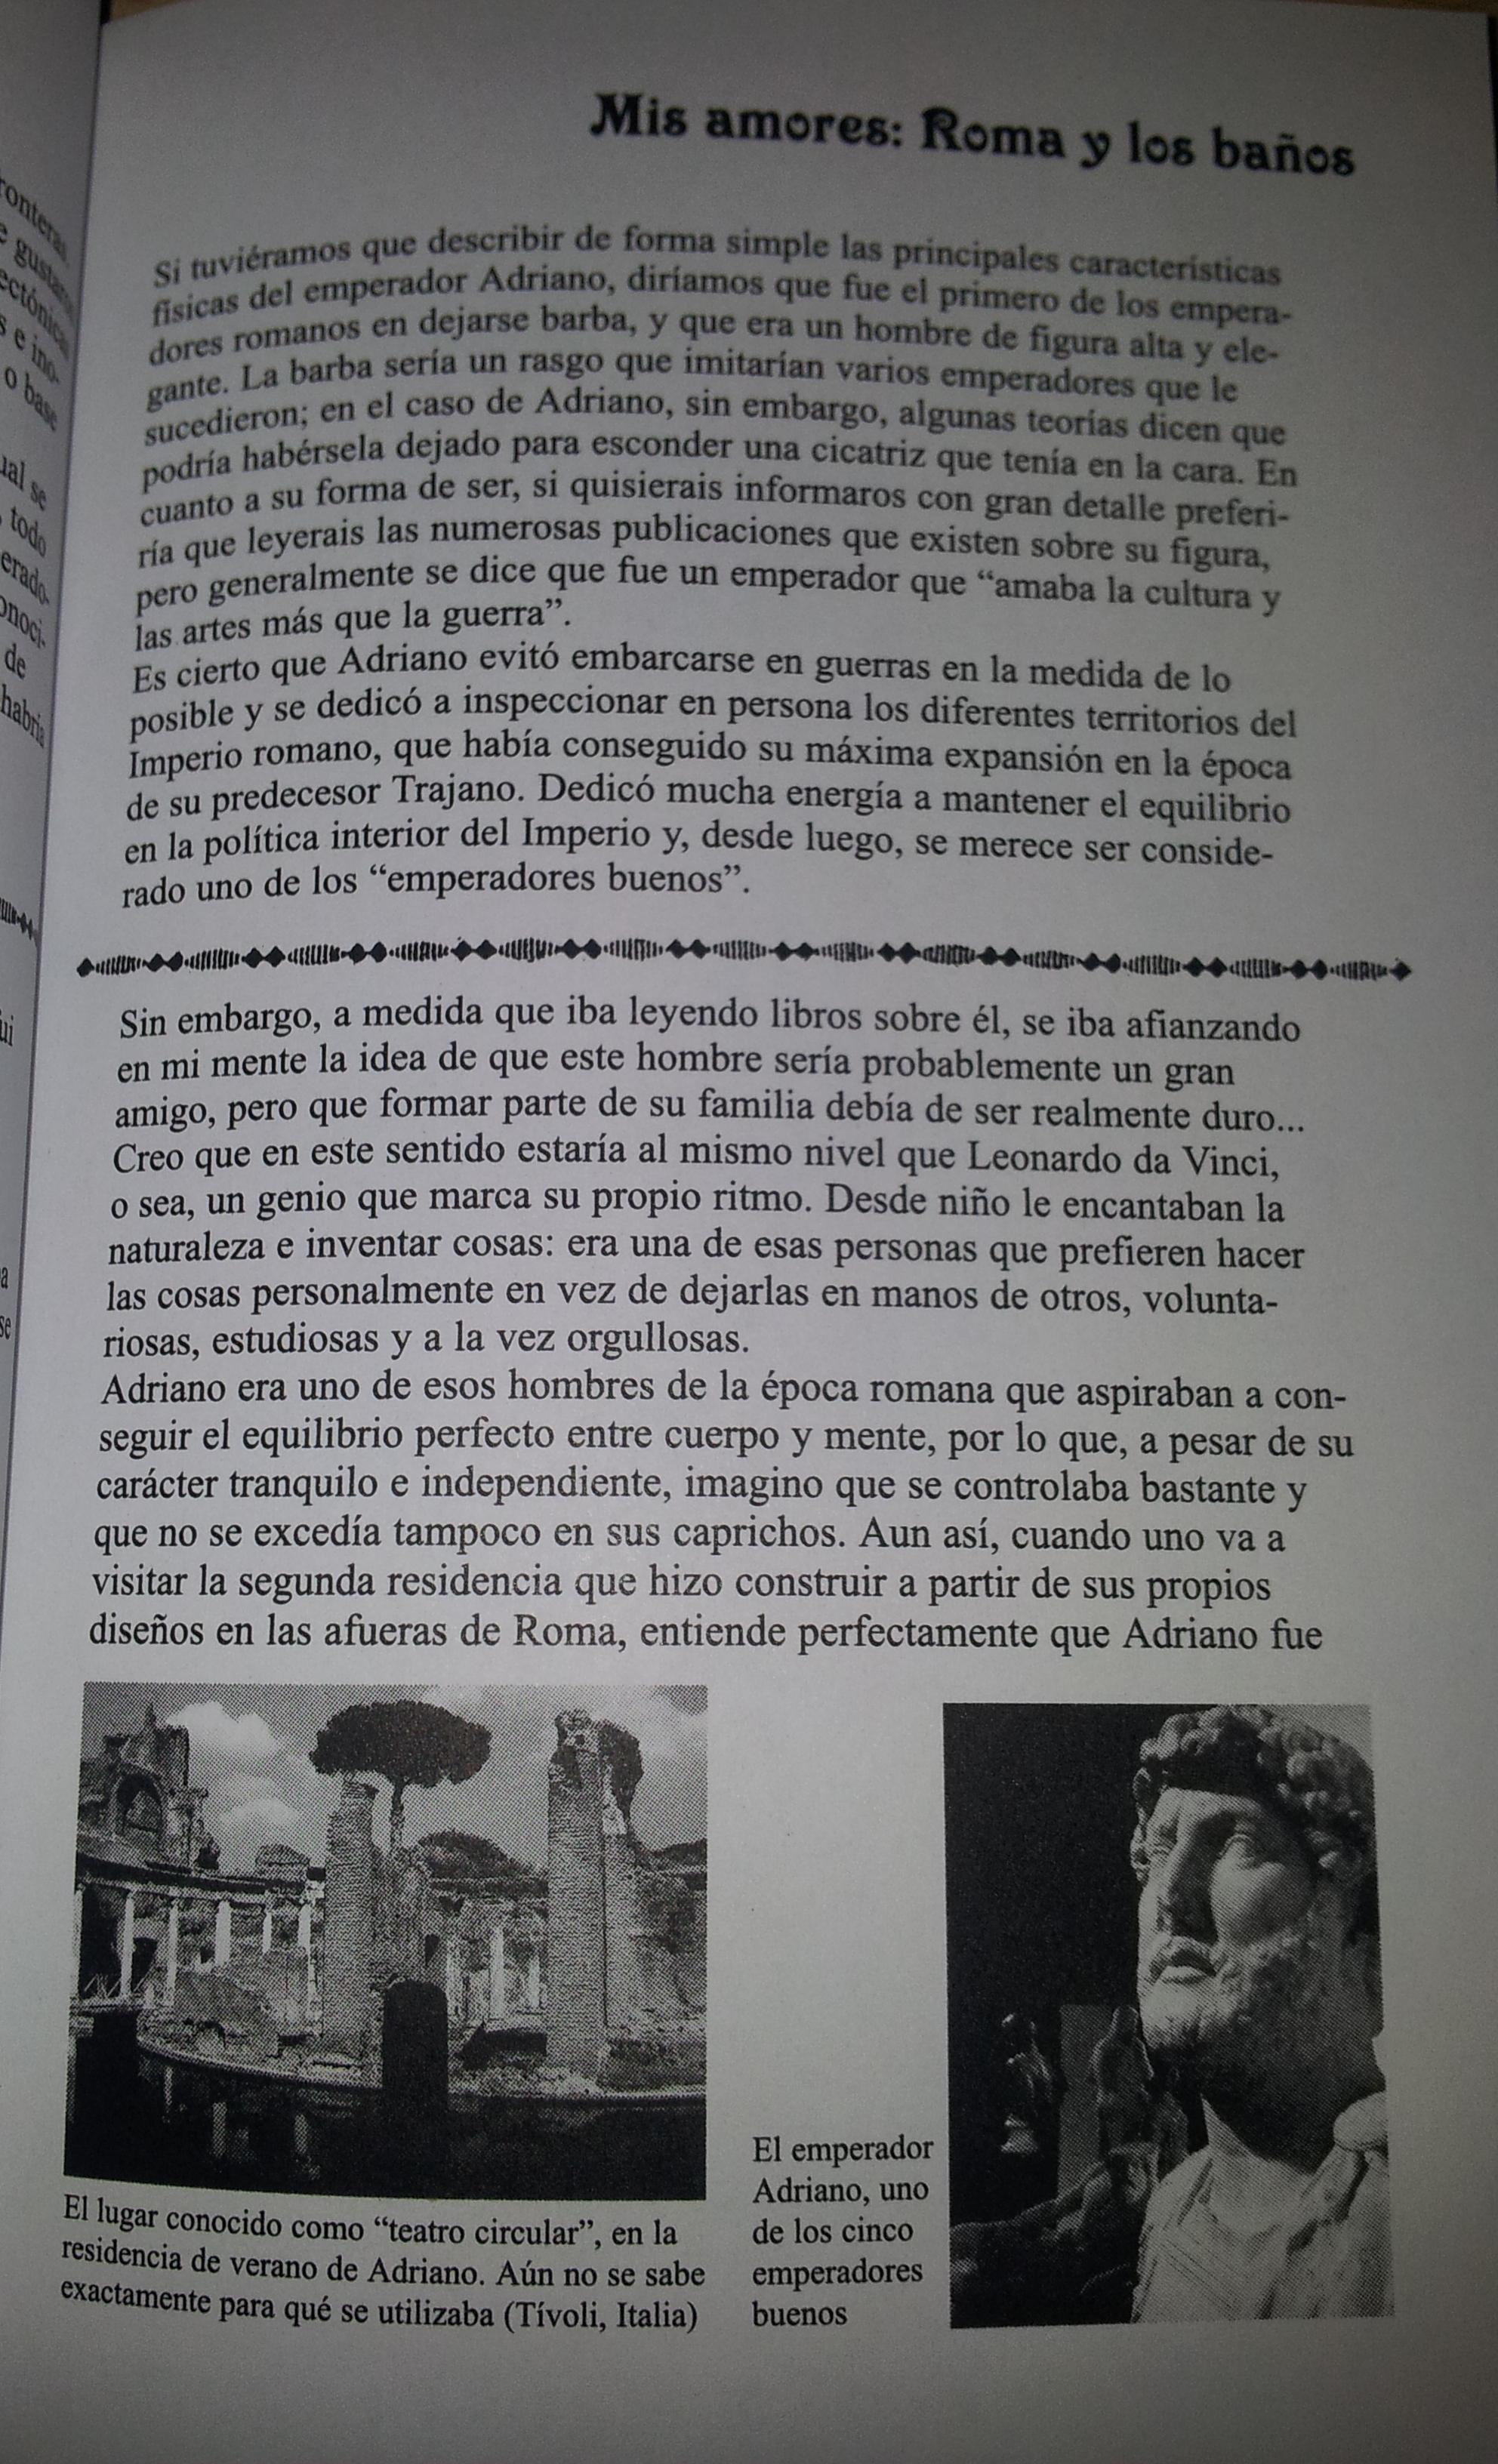 Pagina extra